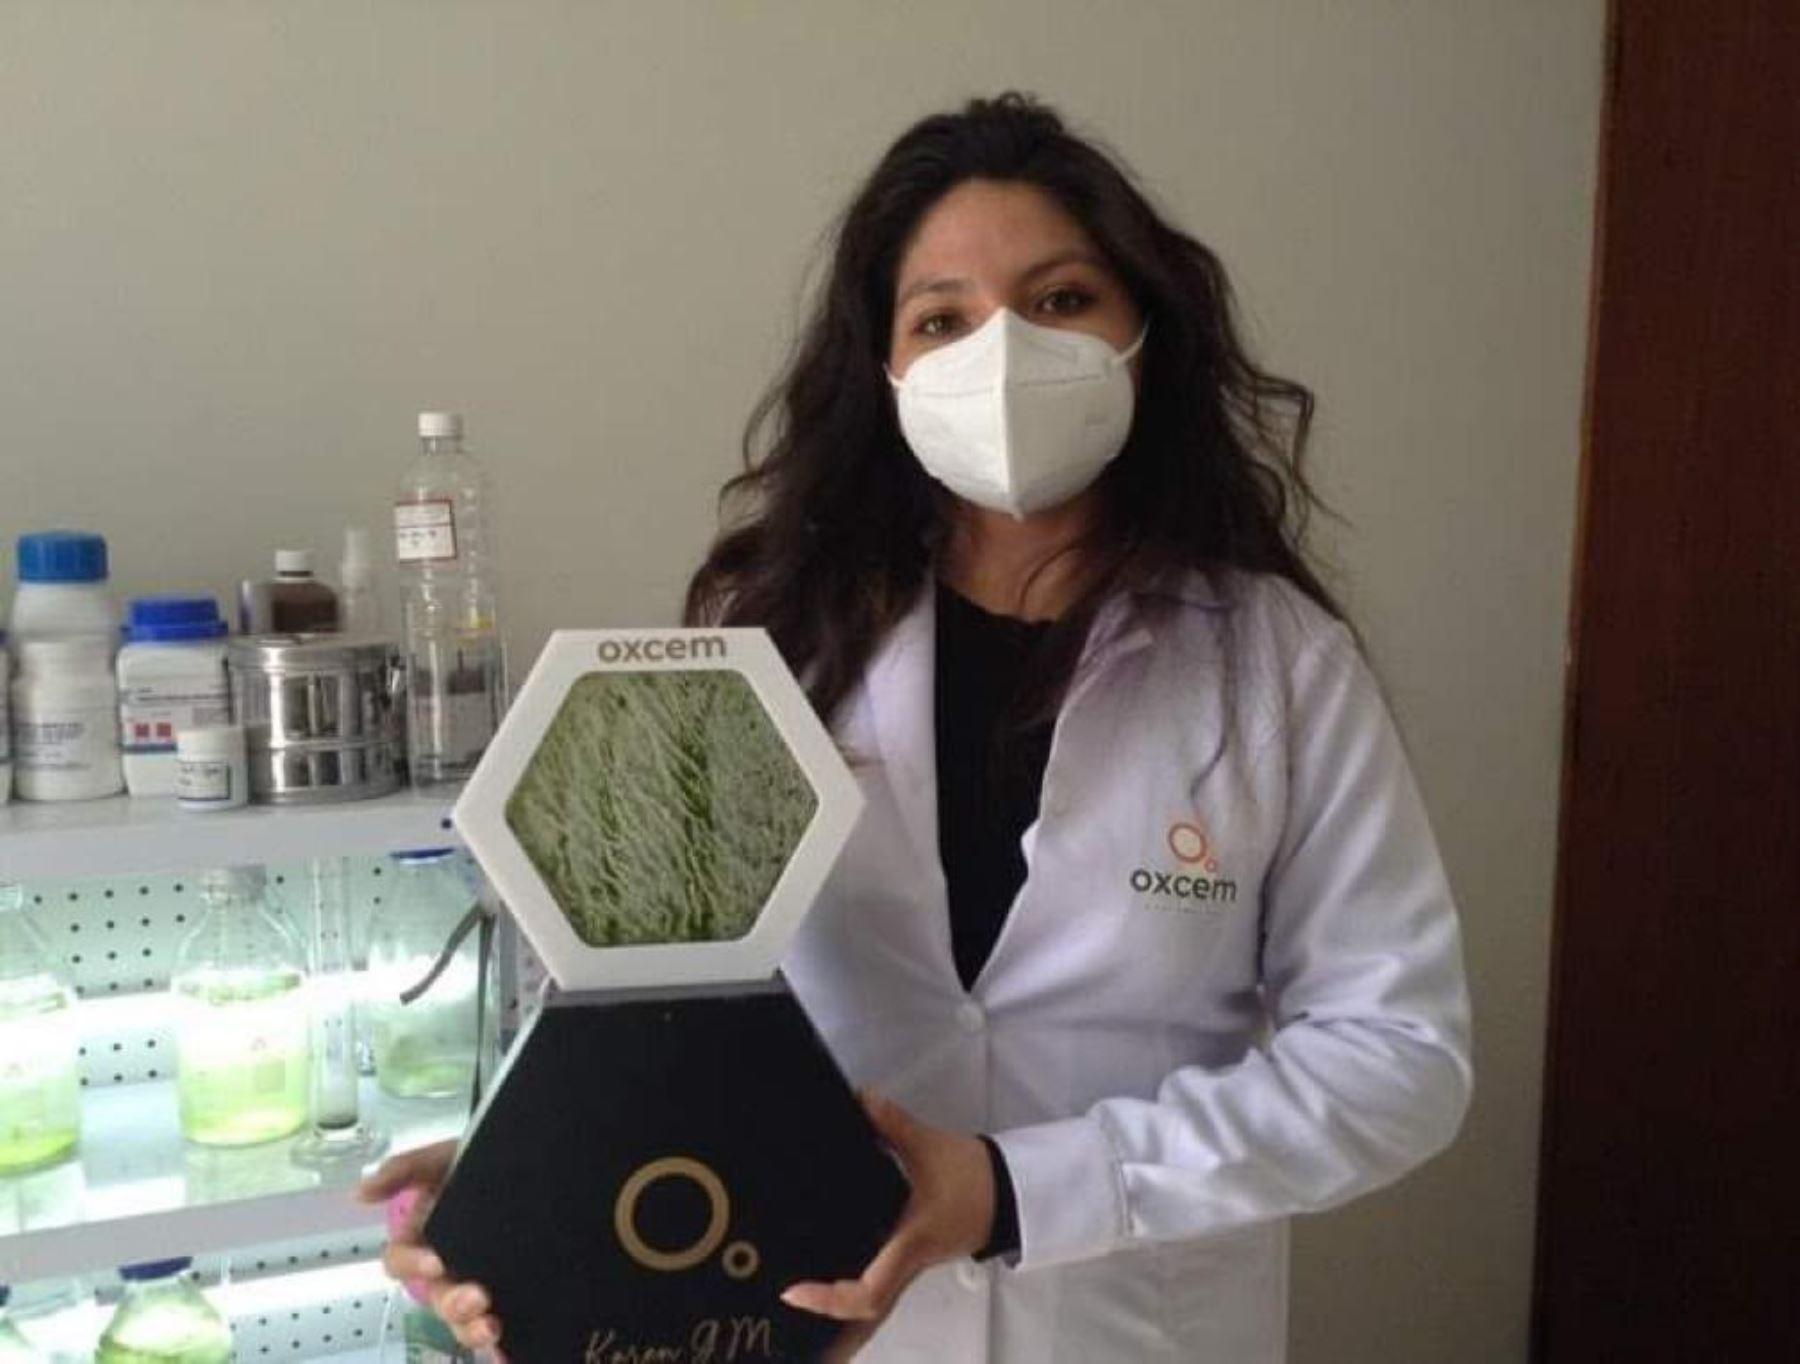 Conoce a Athalí Castro, la visionaria investigadora arequipeña que ganó premio del MIT gracias a su proyecto que propone el uso de biorrectores de microalgas para combatir la contaminación ambiental.